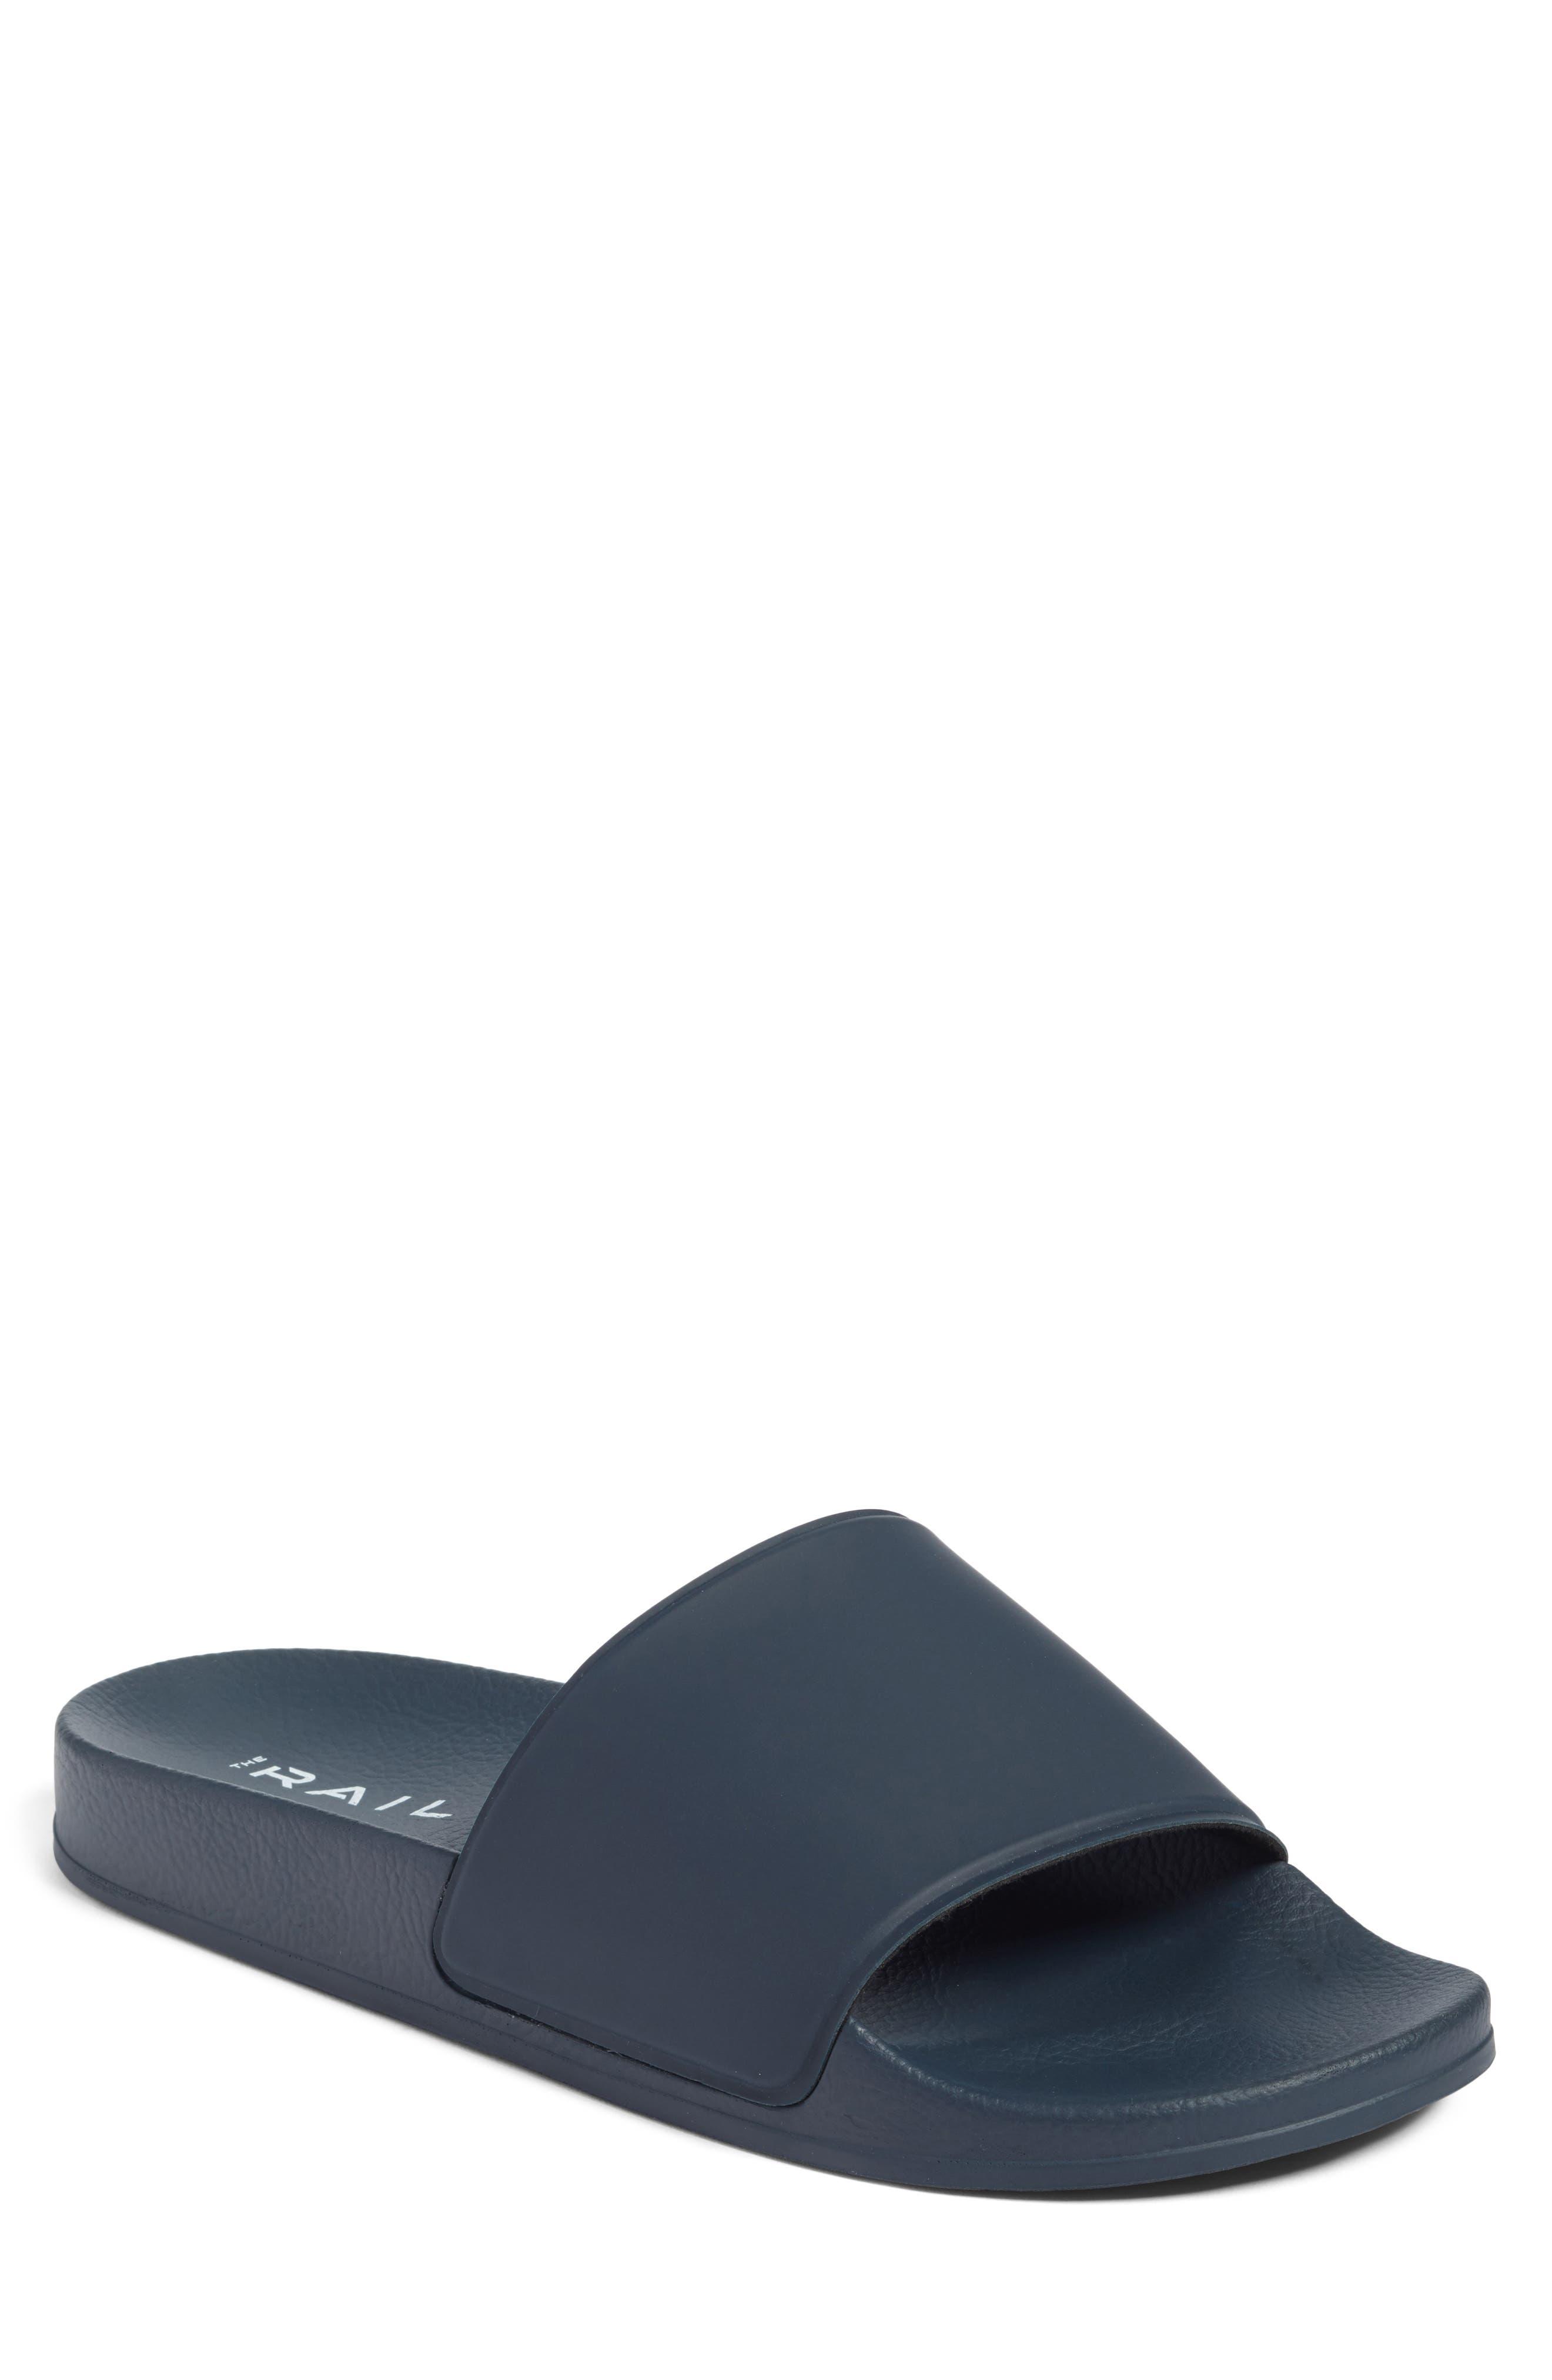 Alternate Image 1 Selected - The Rail Bondi Slide Sandal (Men)